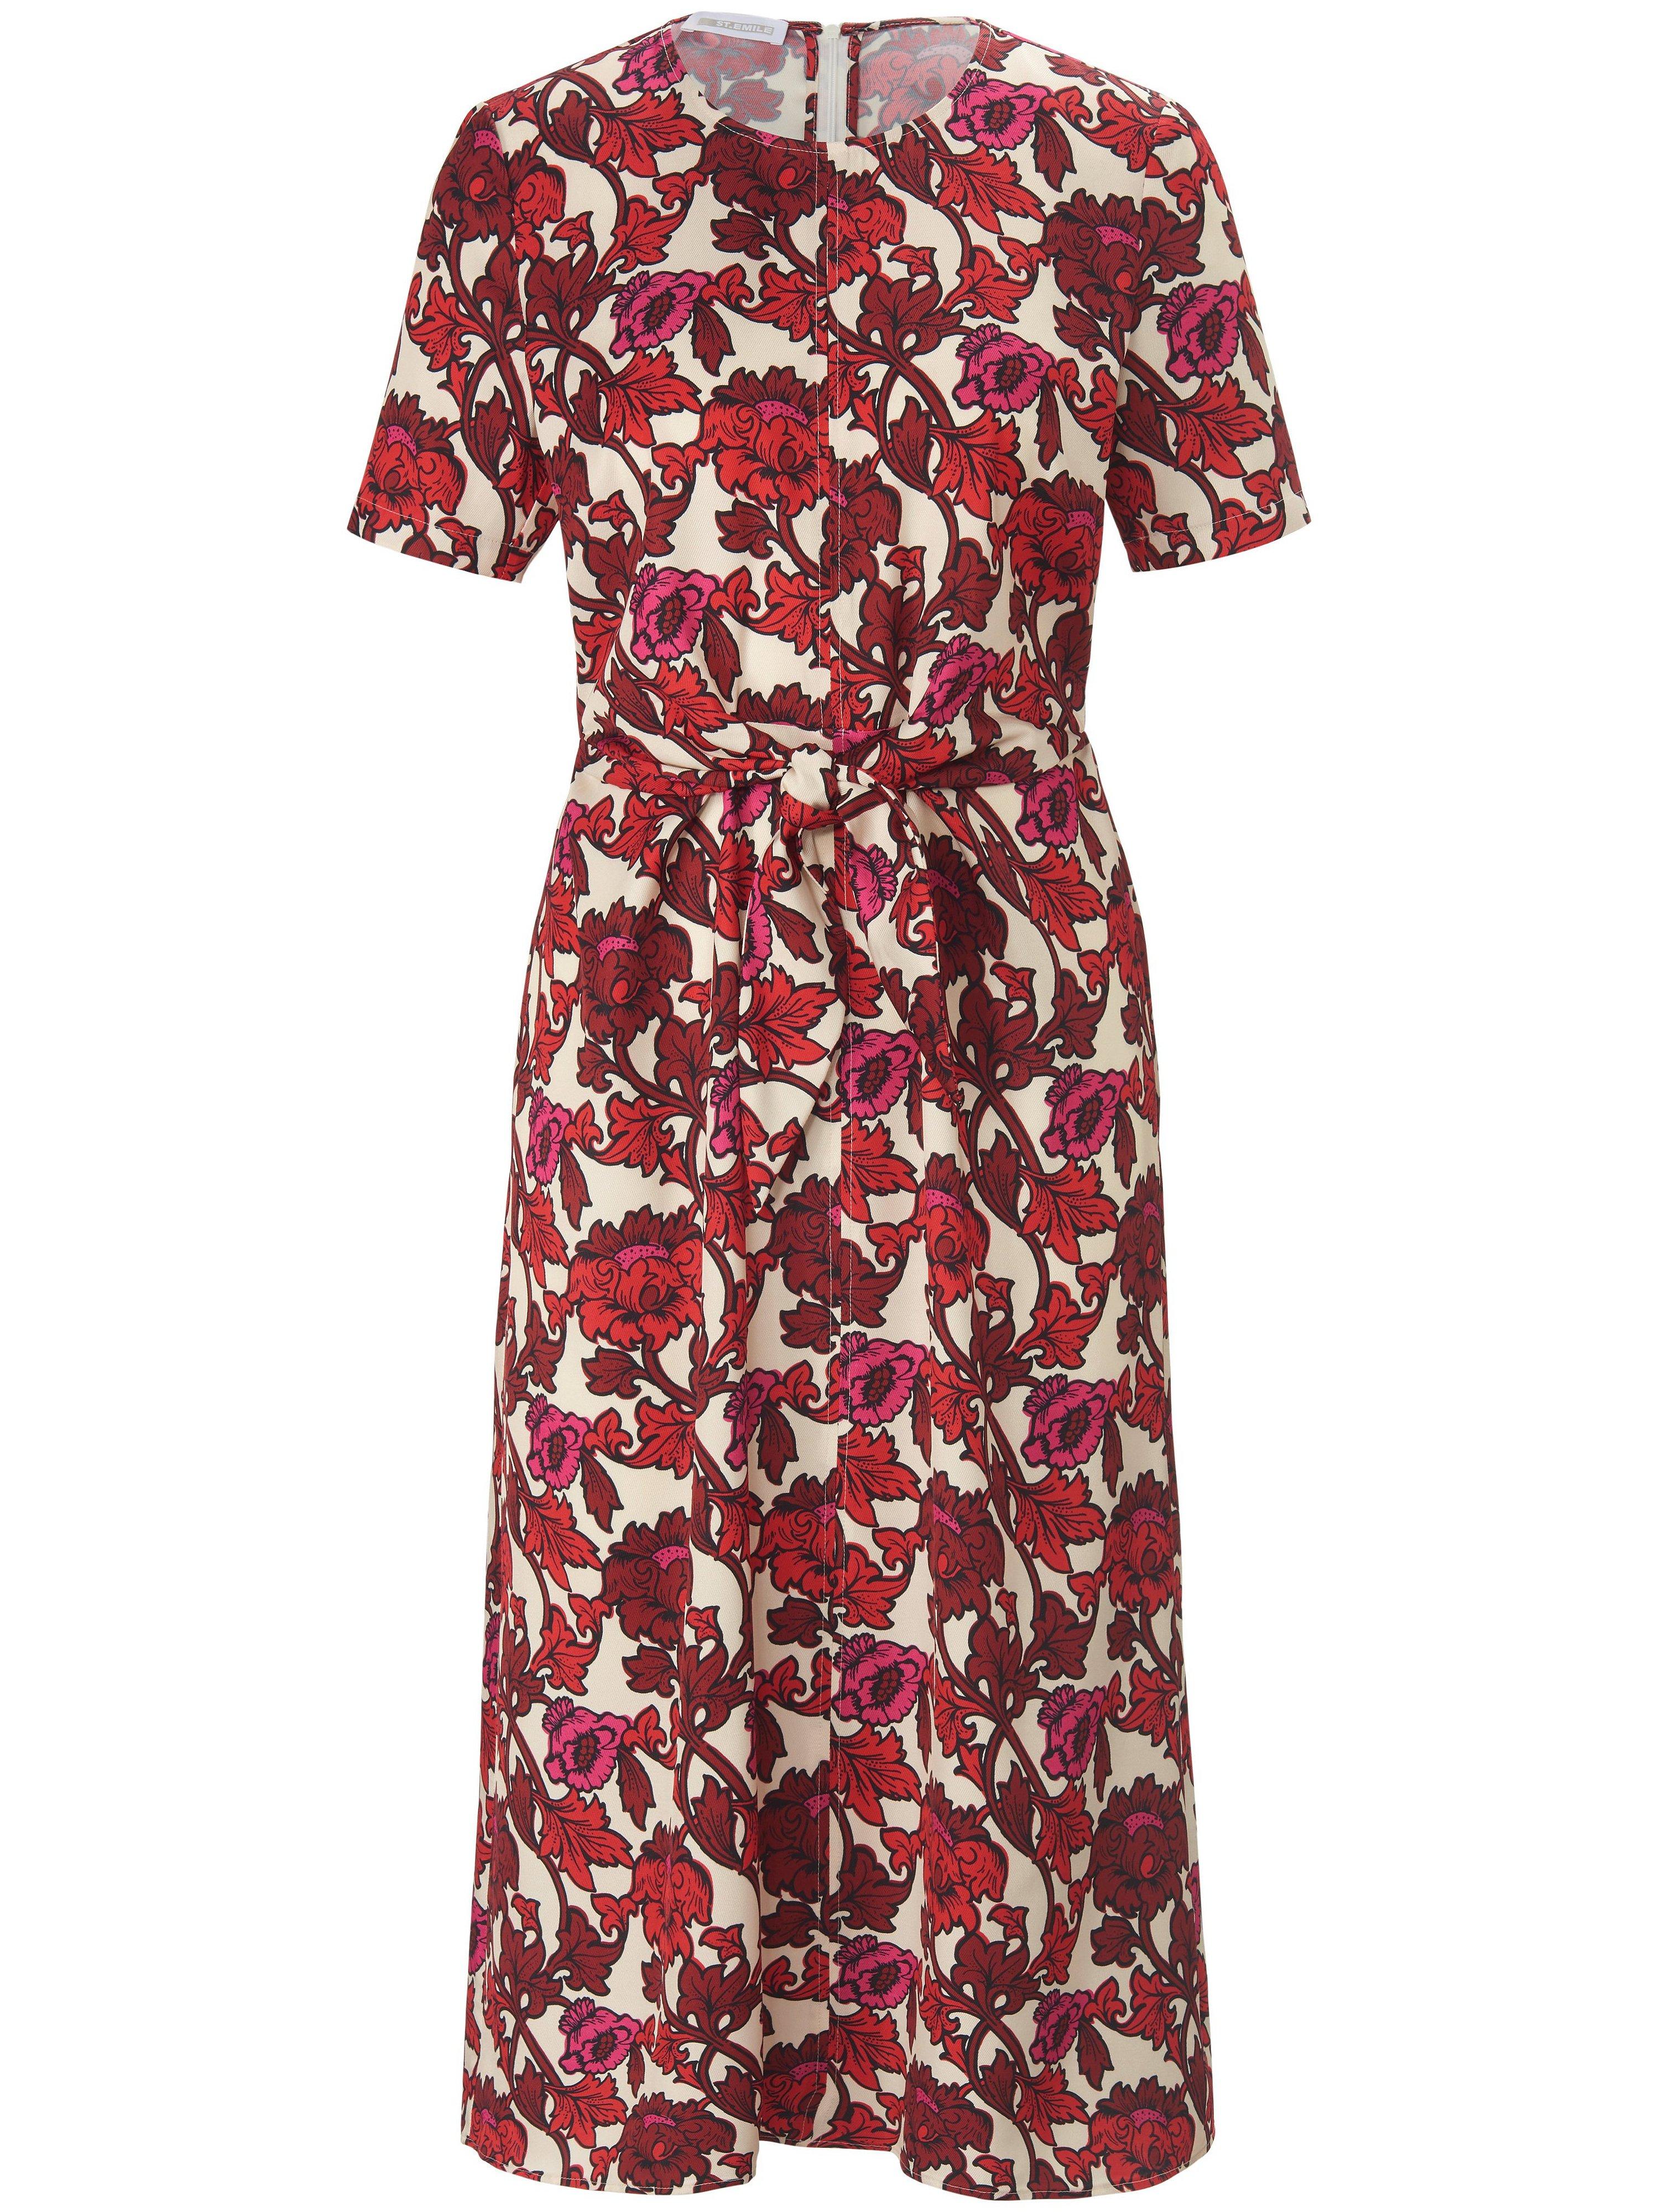 Dress short sleeves St. Emile white